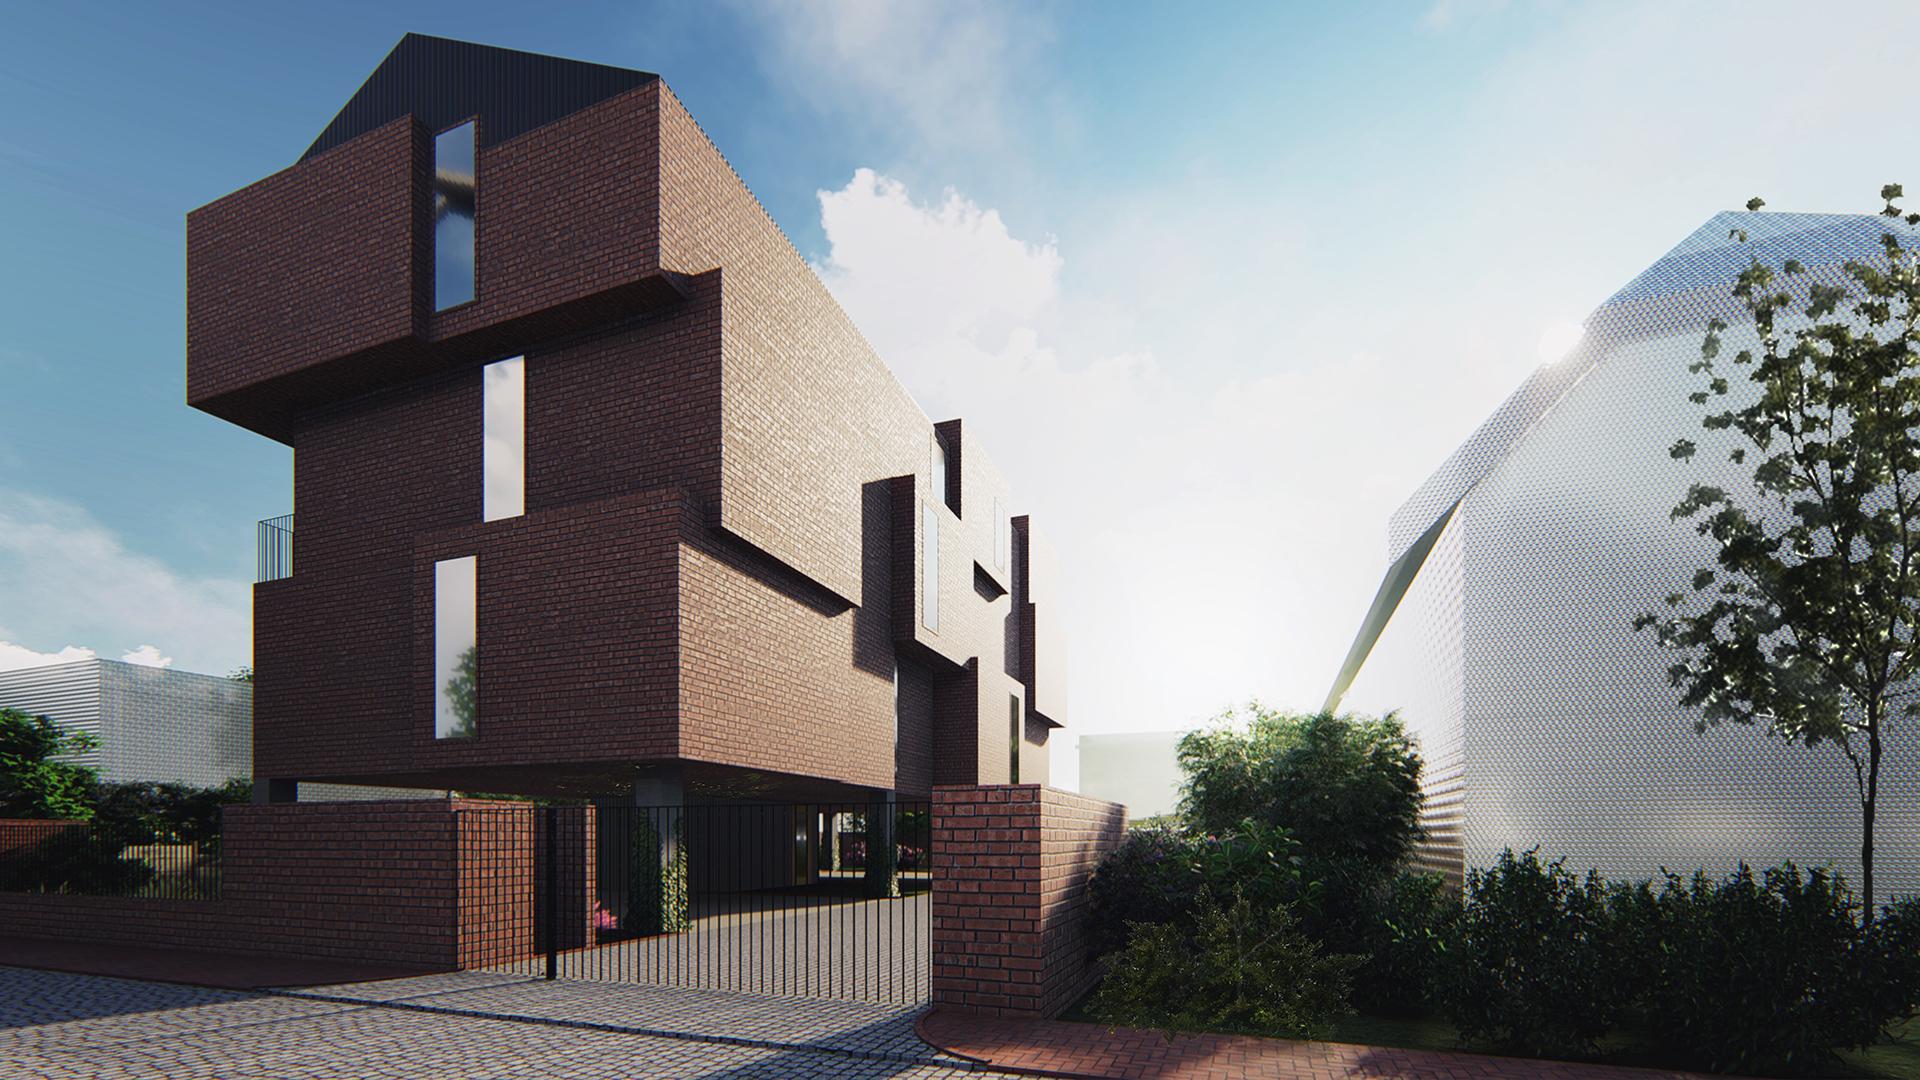 Brick House - wizualizacja 3